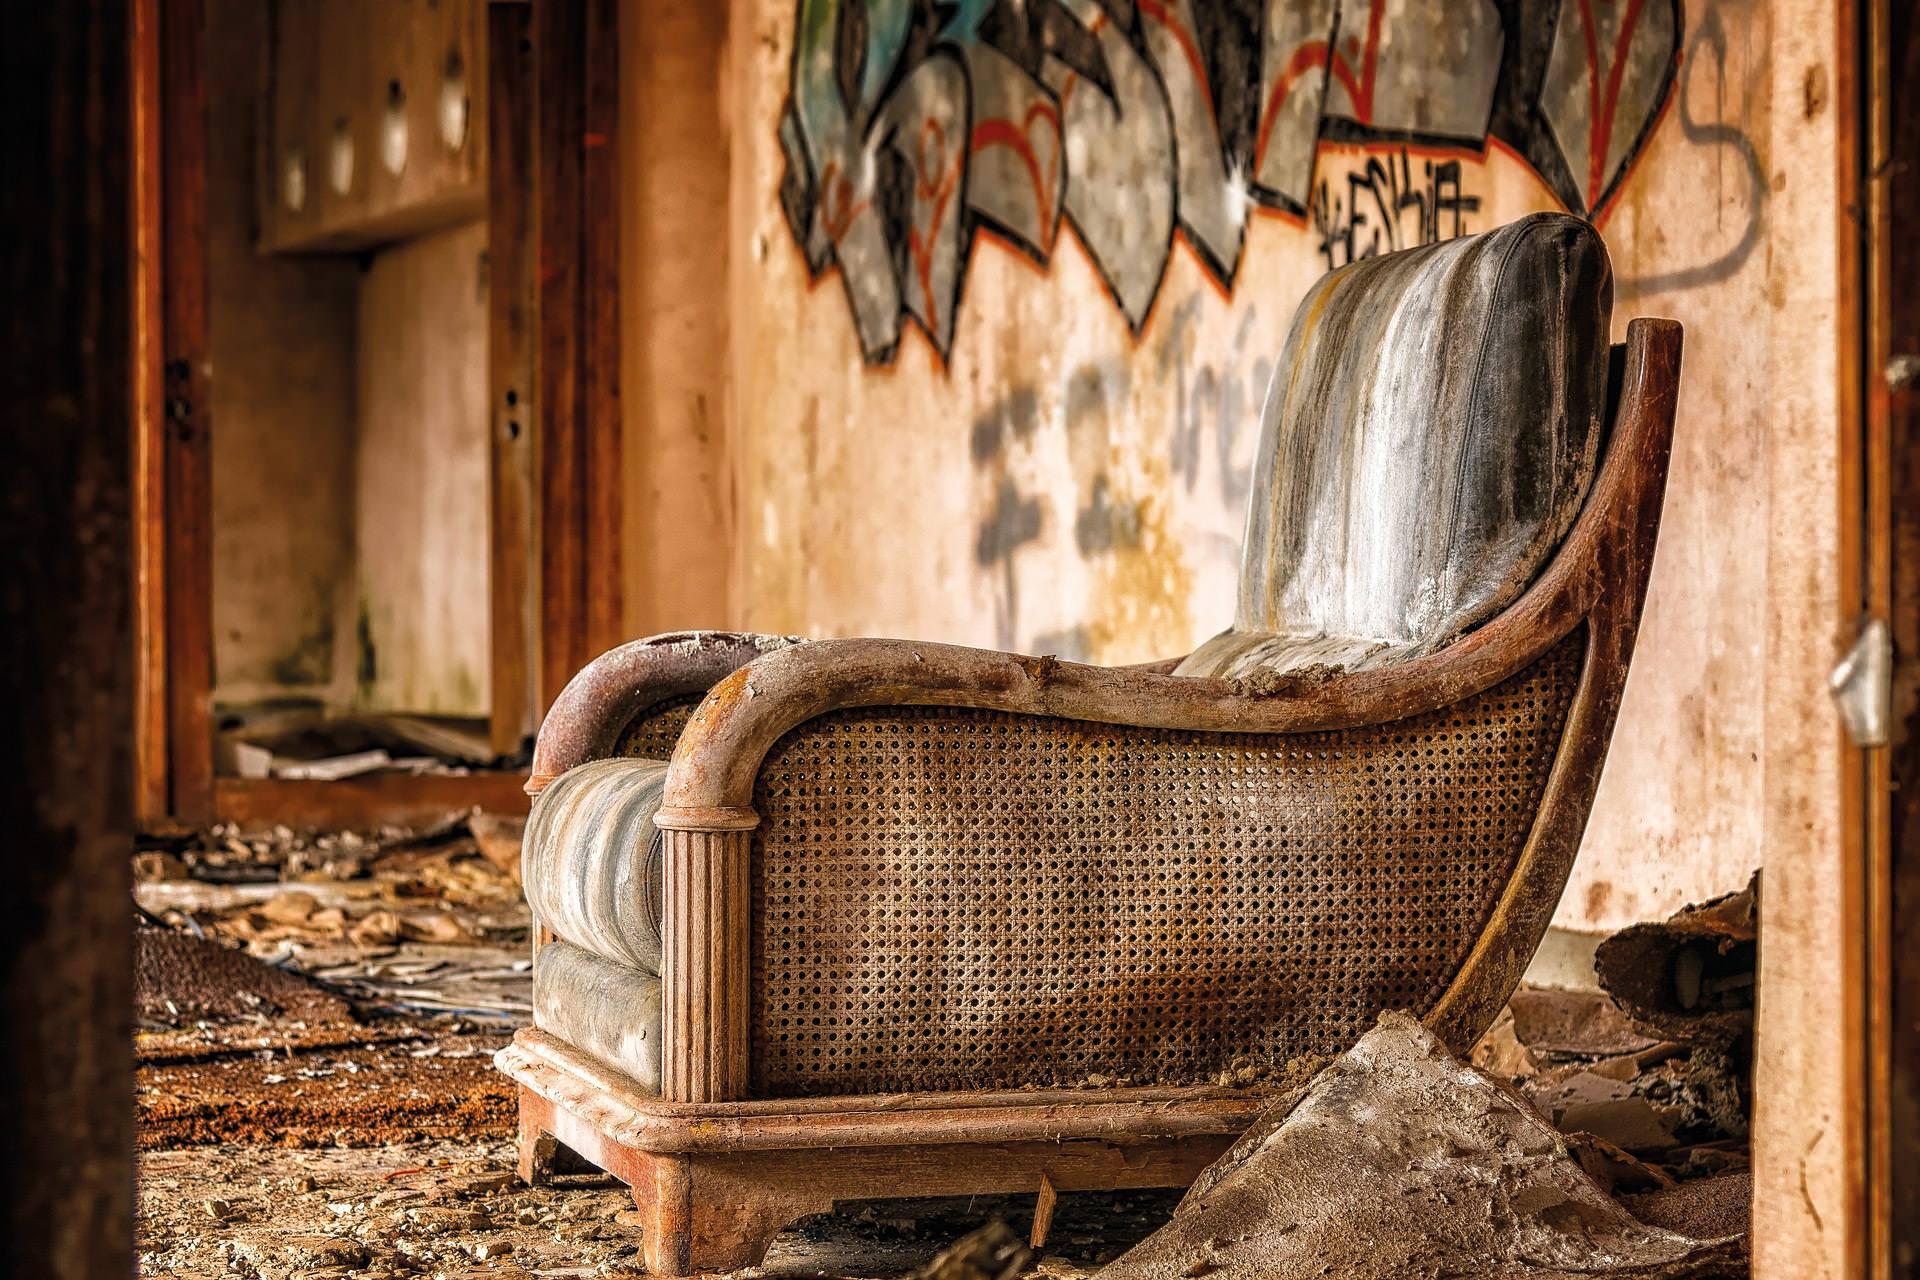 Die ewige Frage: soll ich meine gebrauchten Möbel wegwerfen?